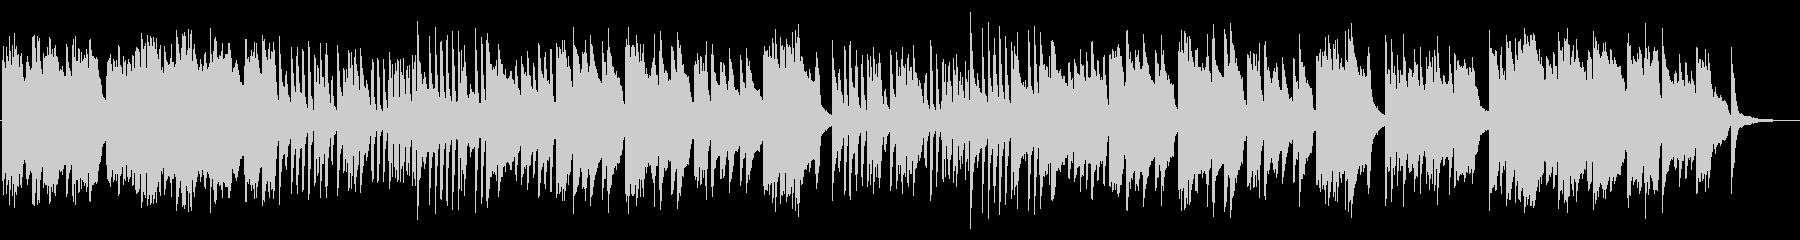 きらきらとしたフレーズ多めの3拍子の曲の未再生の波形